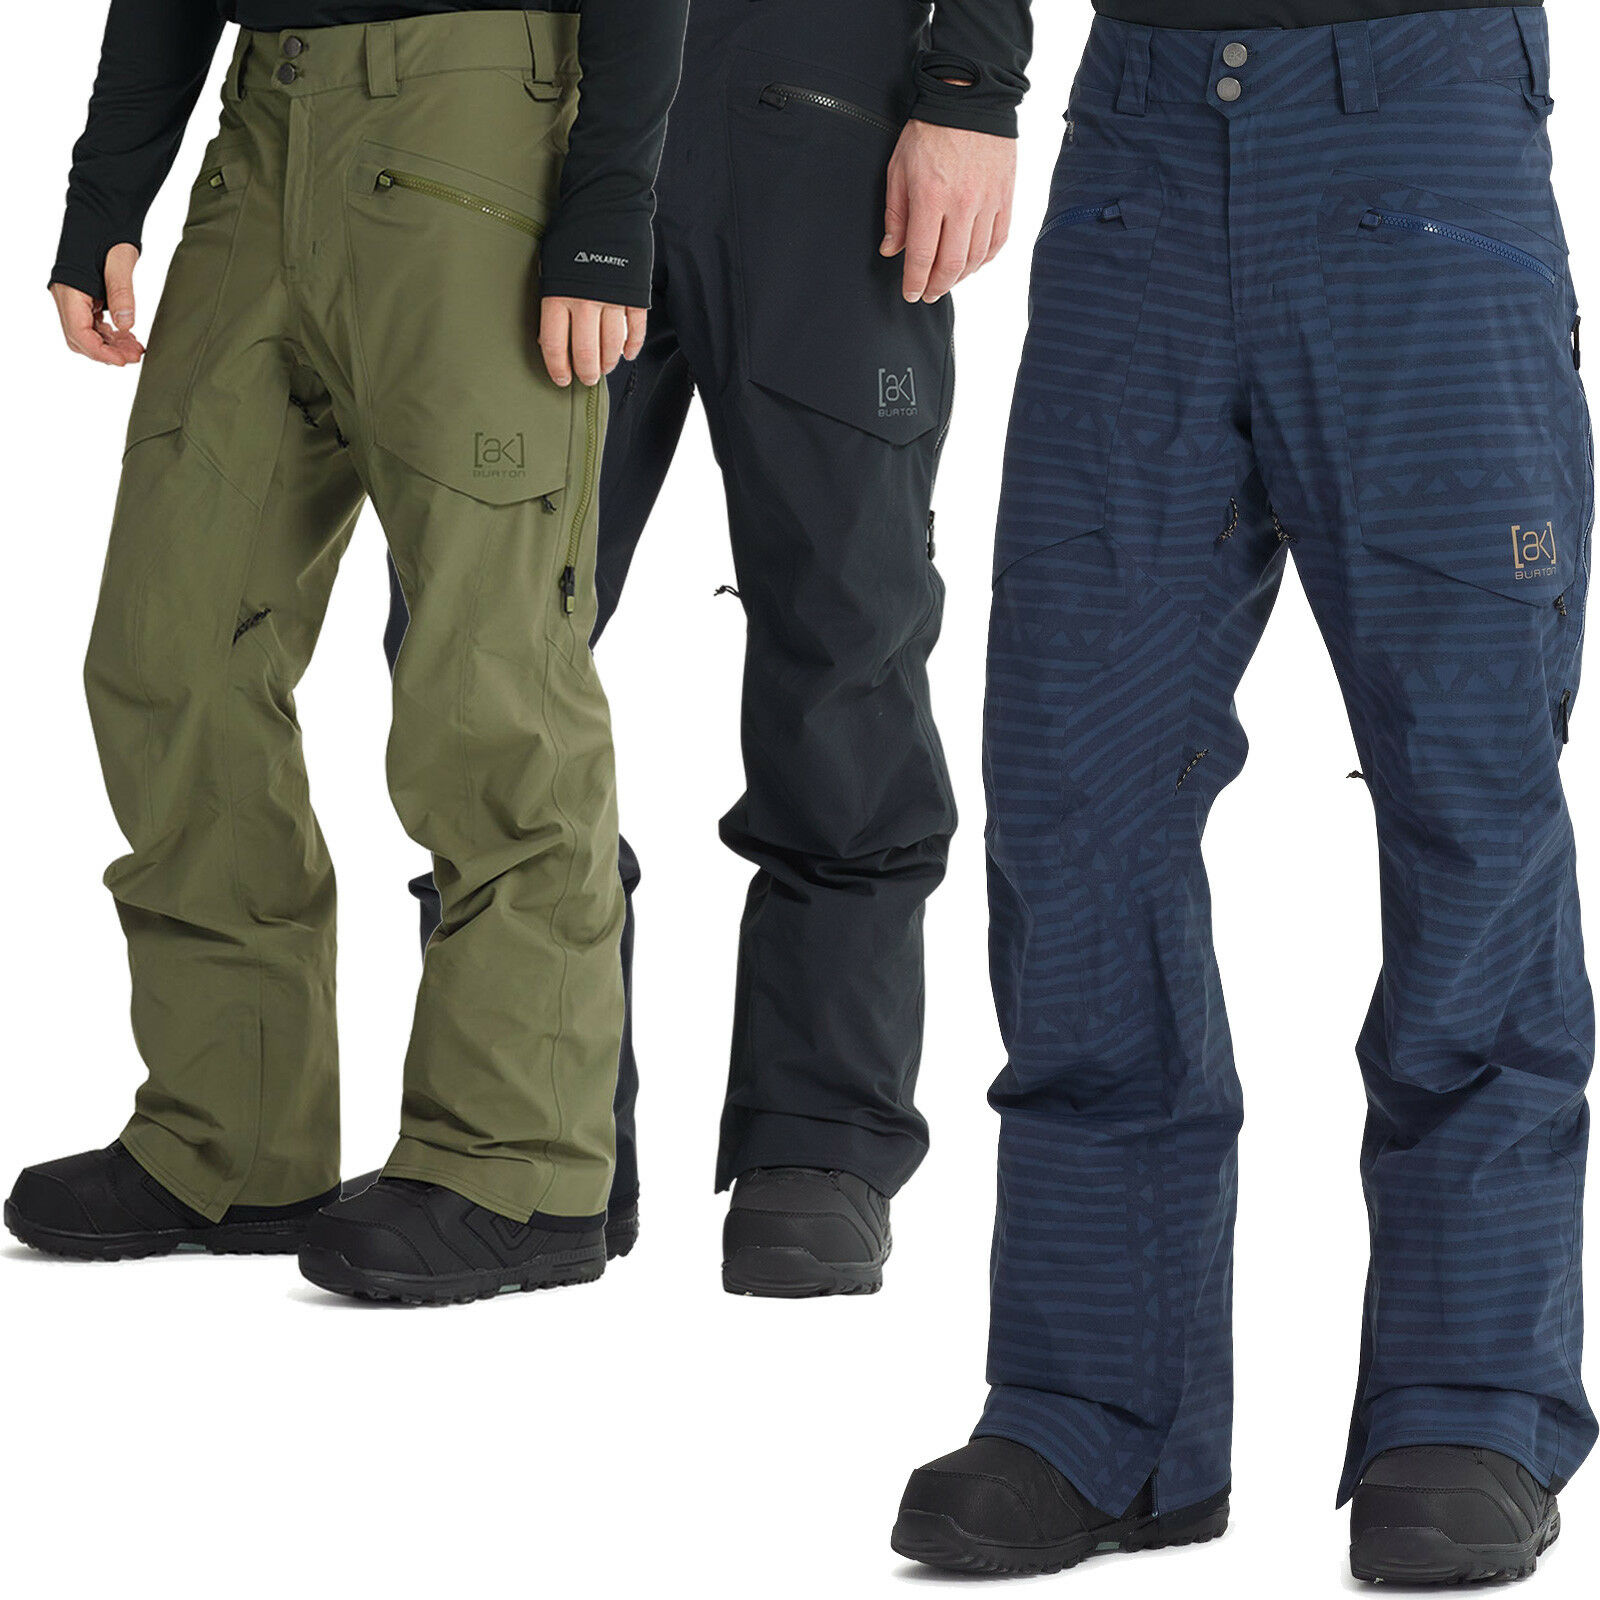 Burton Ak Hover Pant Men's Snowboard Pants Ski Pants Waterproof